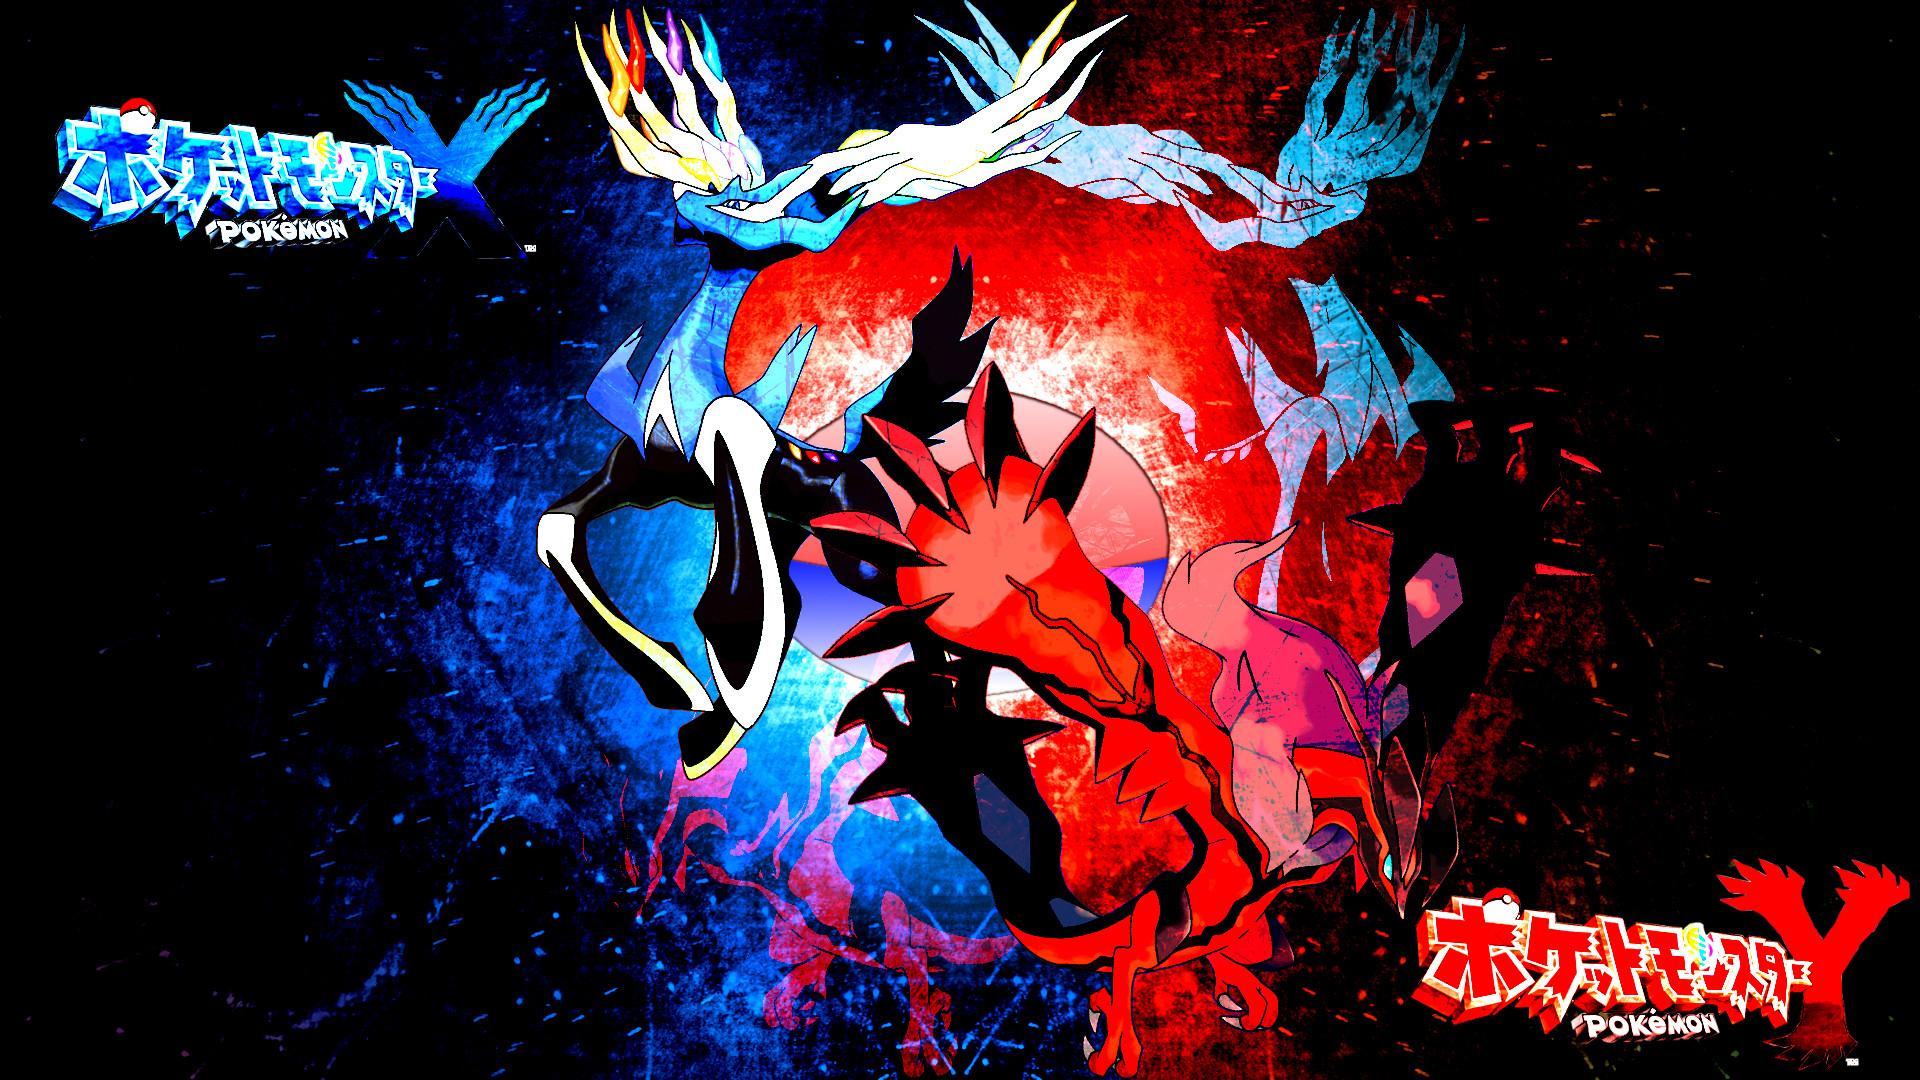 Legendary-Pokemon-image-legendary-pokemon-36184599-1920-1080.